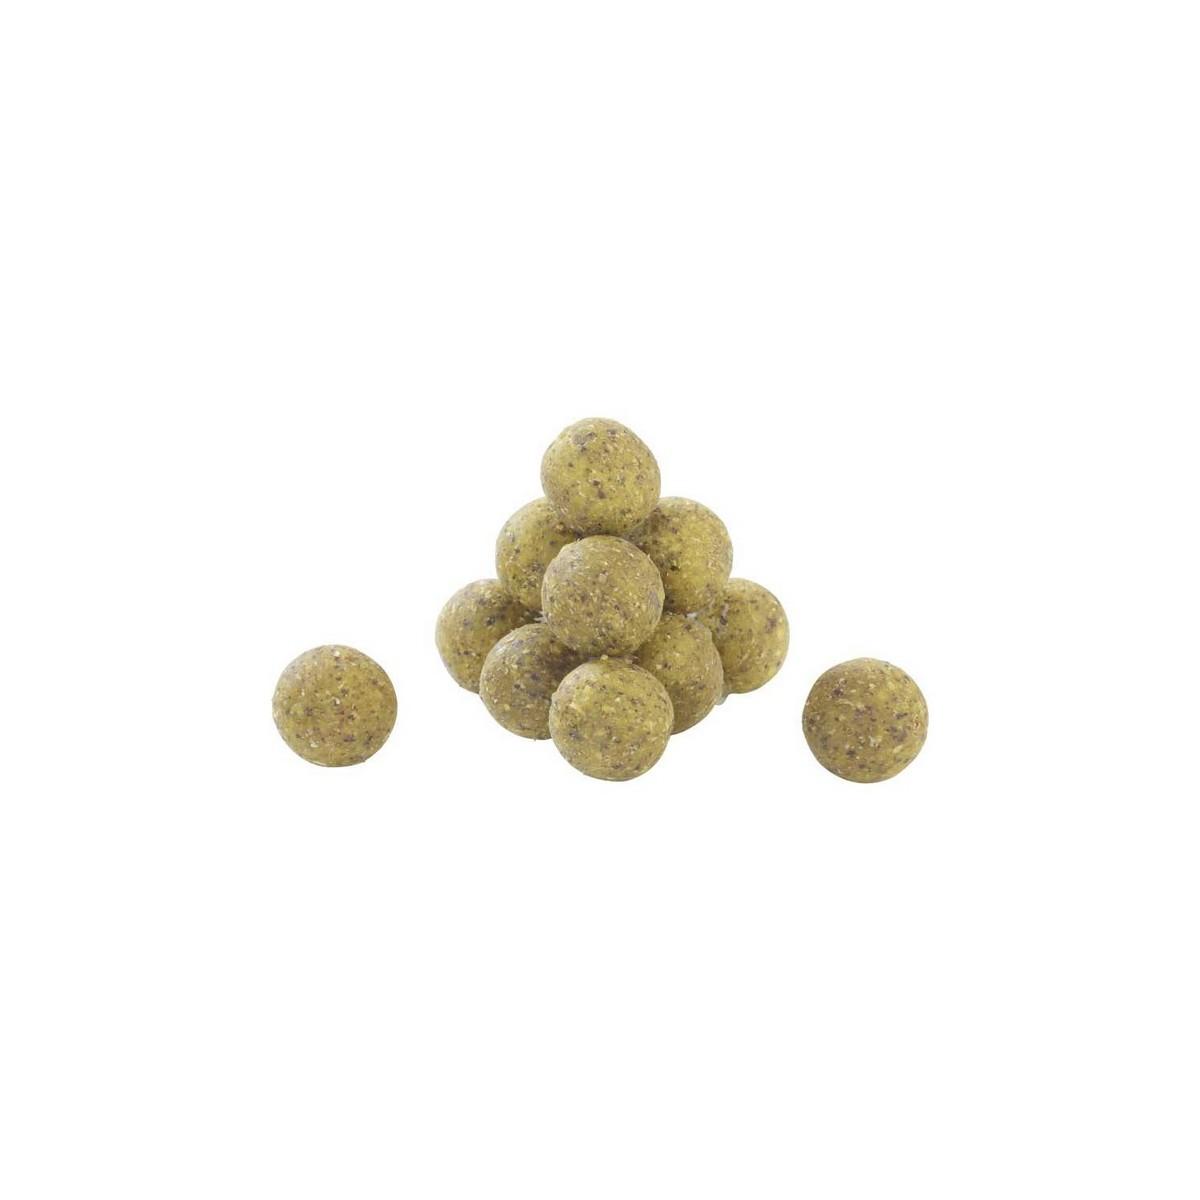 Pelzer One Shot Attract Boilies - протеинови топчета, скопекс 2